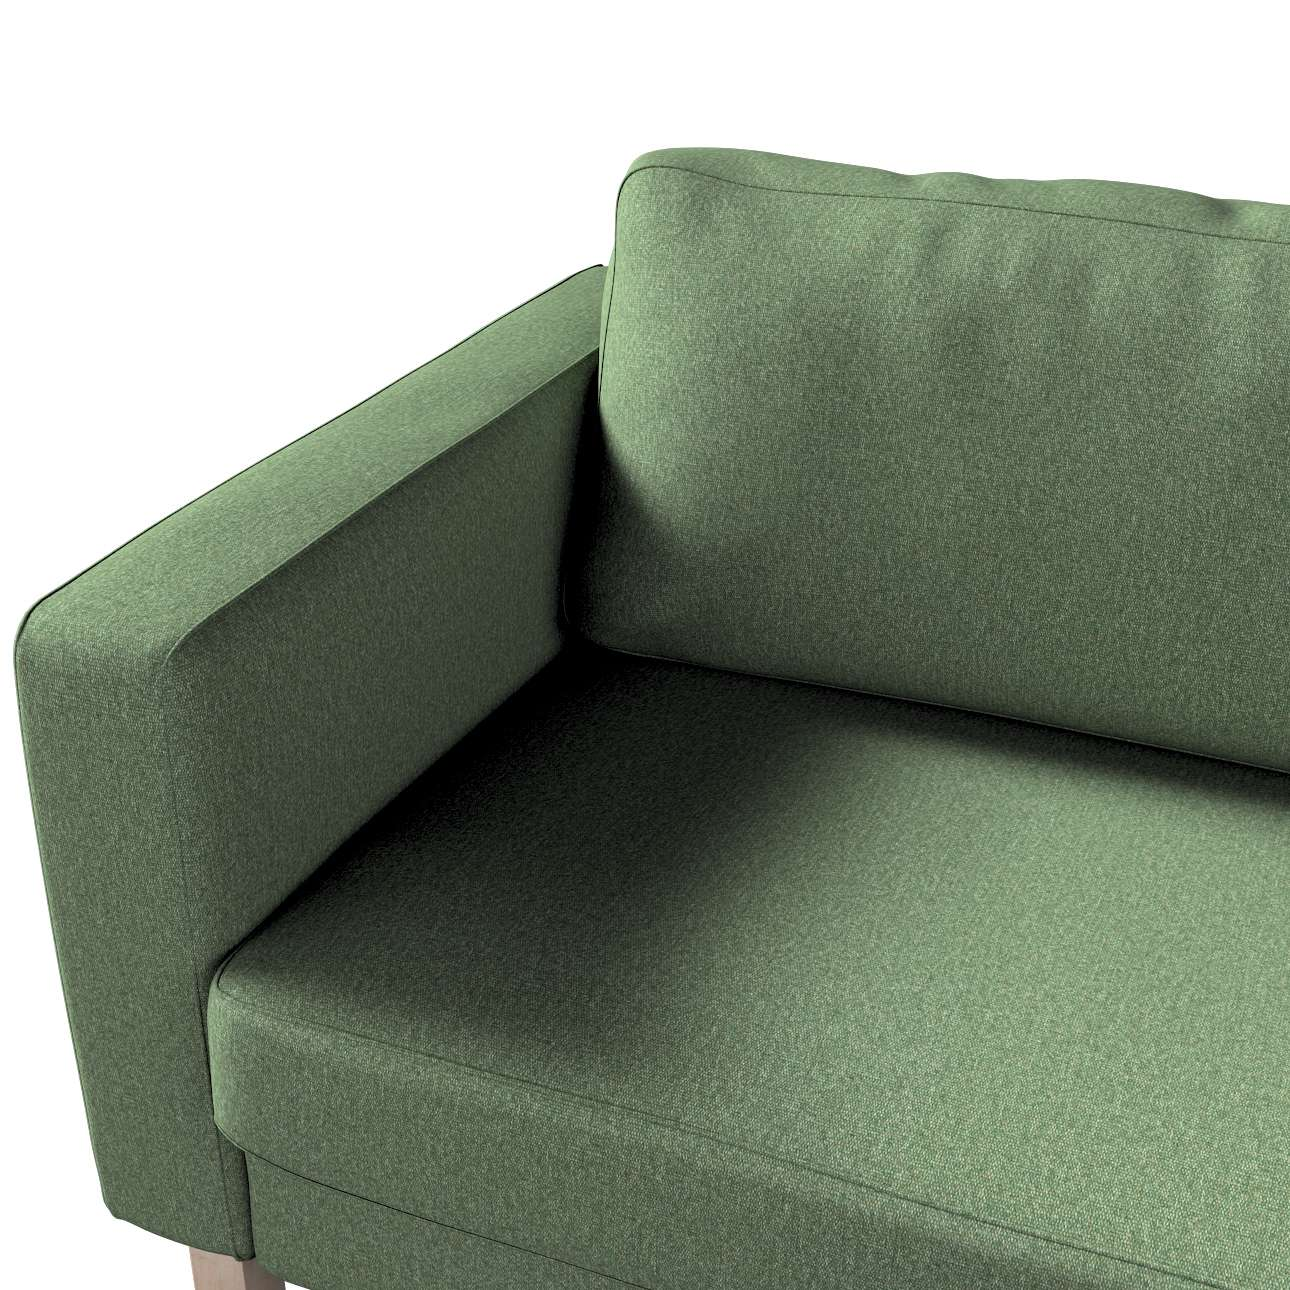 Pokrowiec na sofę Karlstad 3-osobową nierozkładaną, krótki w kolekcji Amsterdam, tkanina: 704-44